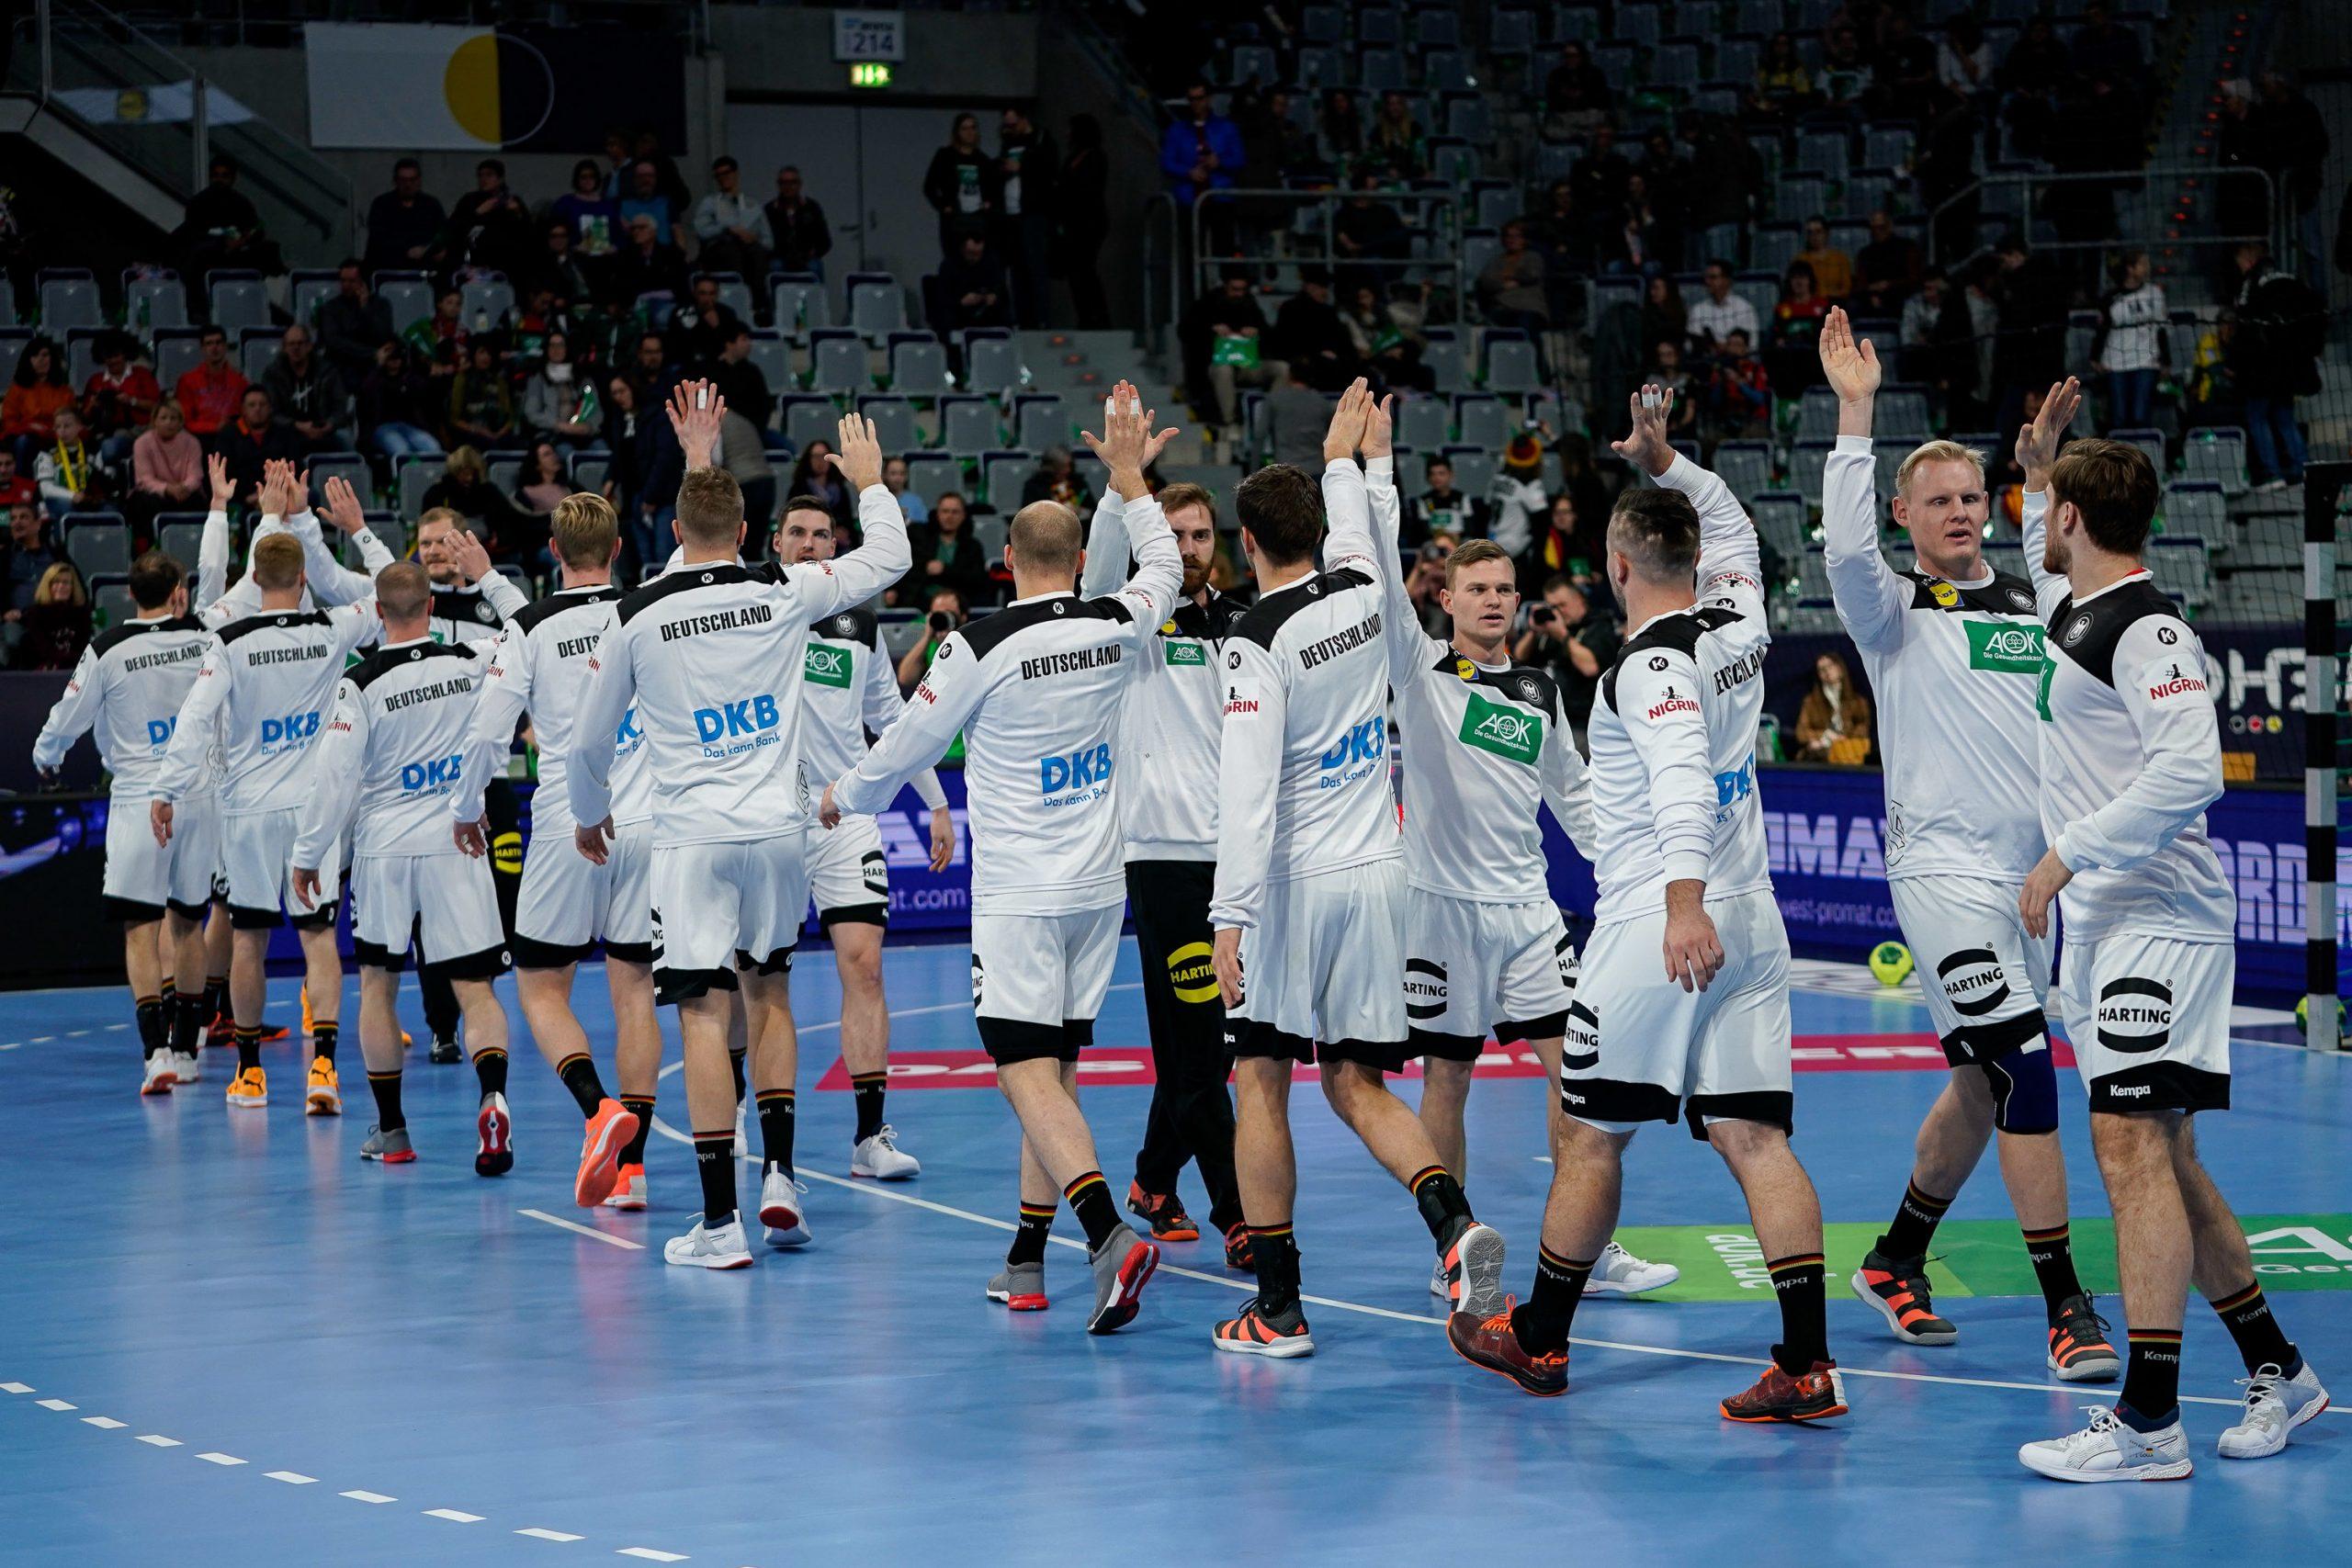 Spieler der deutschen Handballnationalmannschaft vor dem Spiel gegen Island Foto: picture alliance